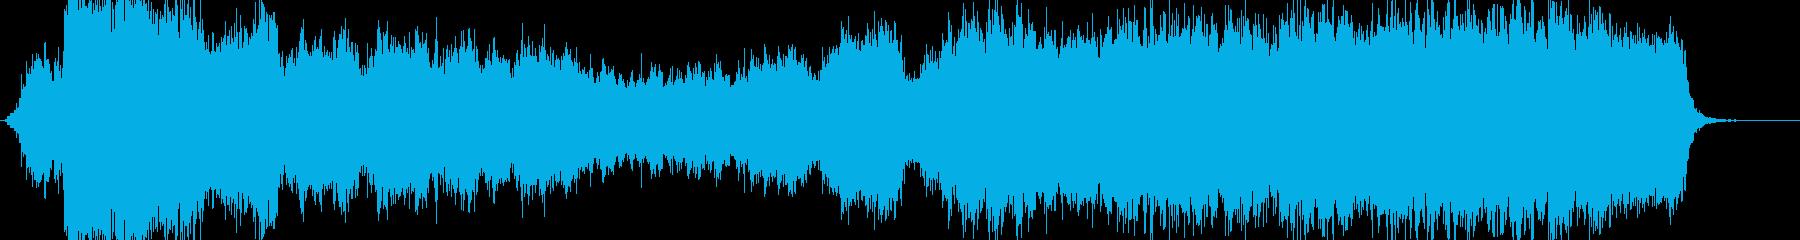 ファンタジー系のオーケストラルな曲の再生済みの波形